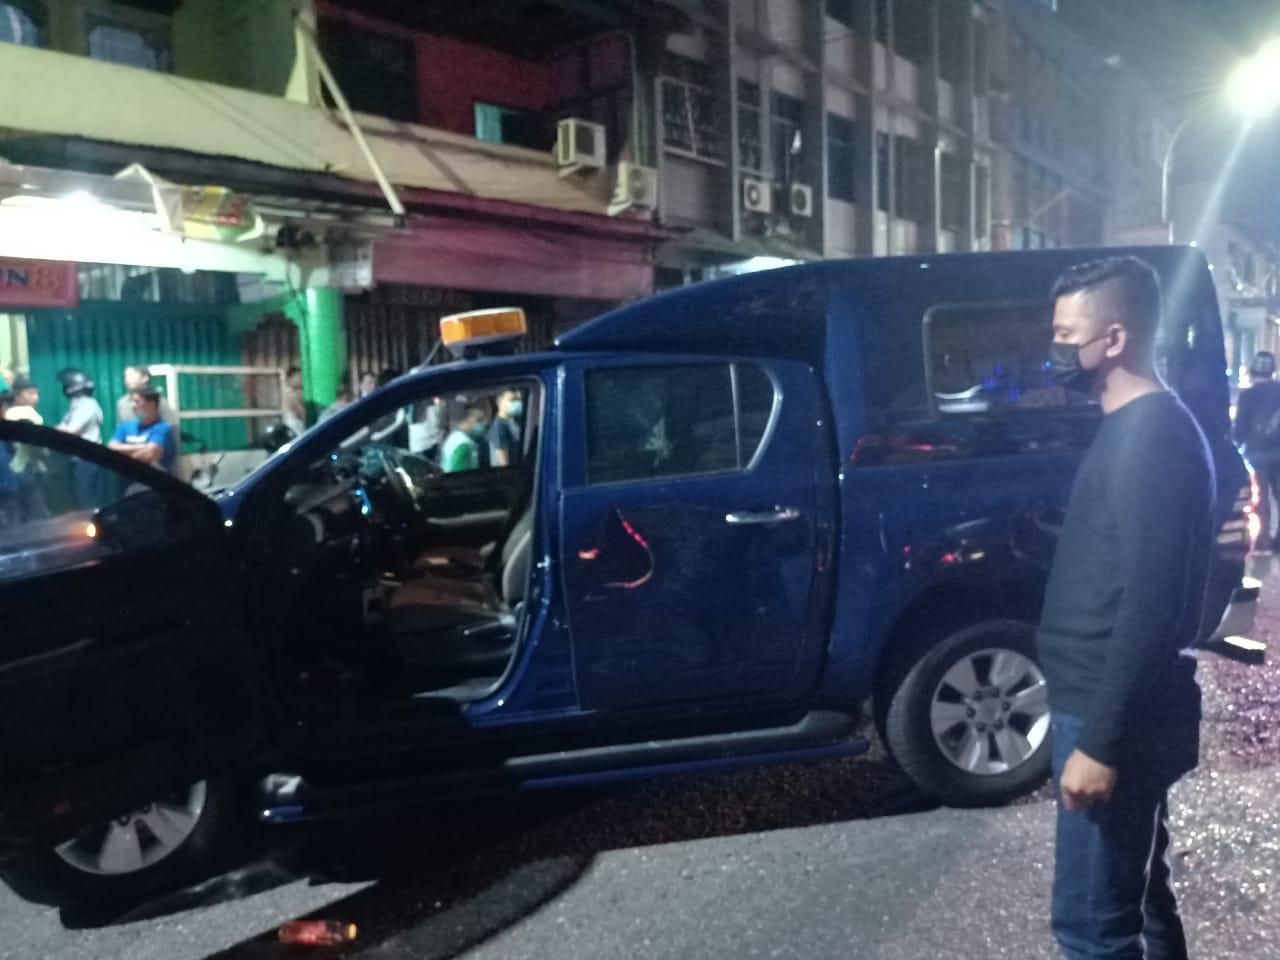 Penyerangan Mobil Bea Cukai di Jalan Juanda, Satu Petugas Luka Ringan